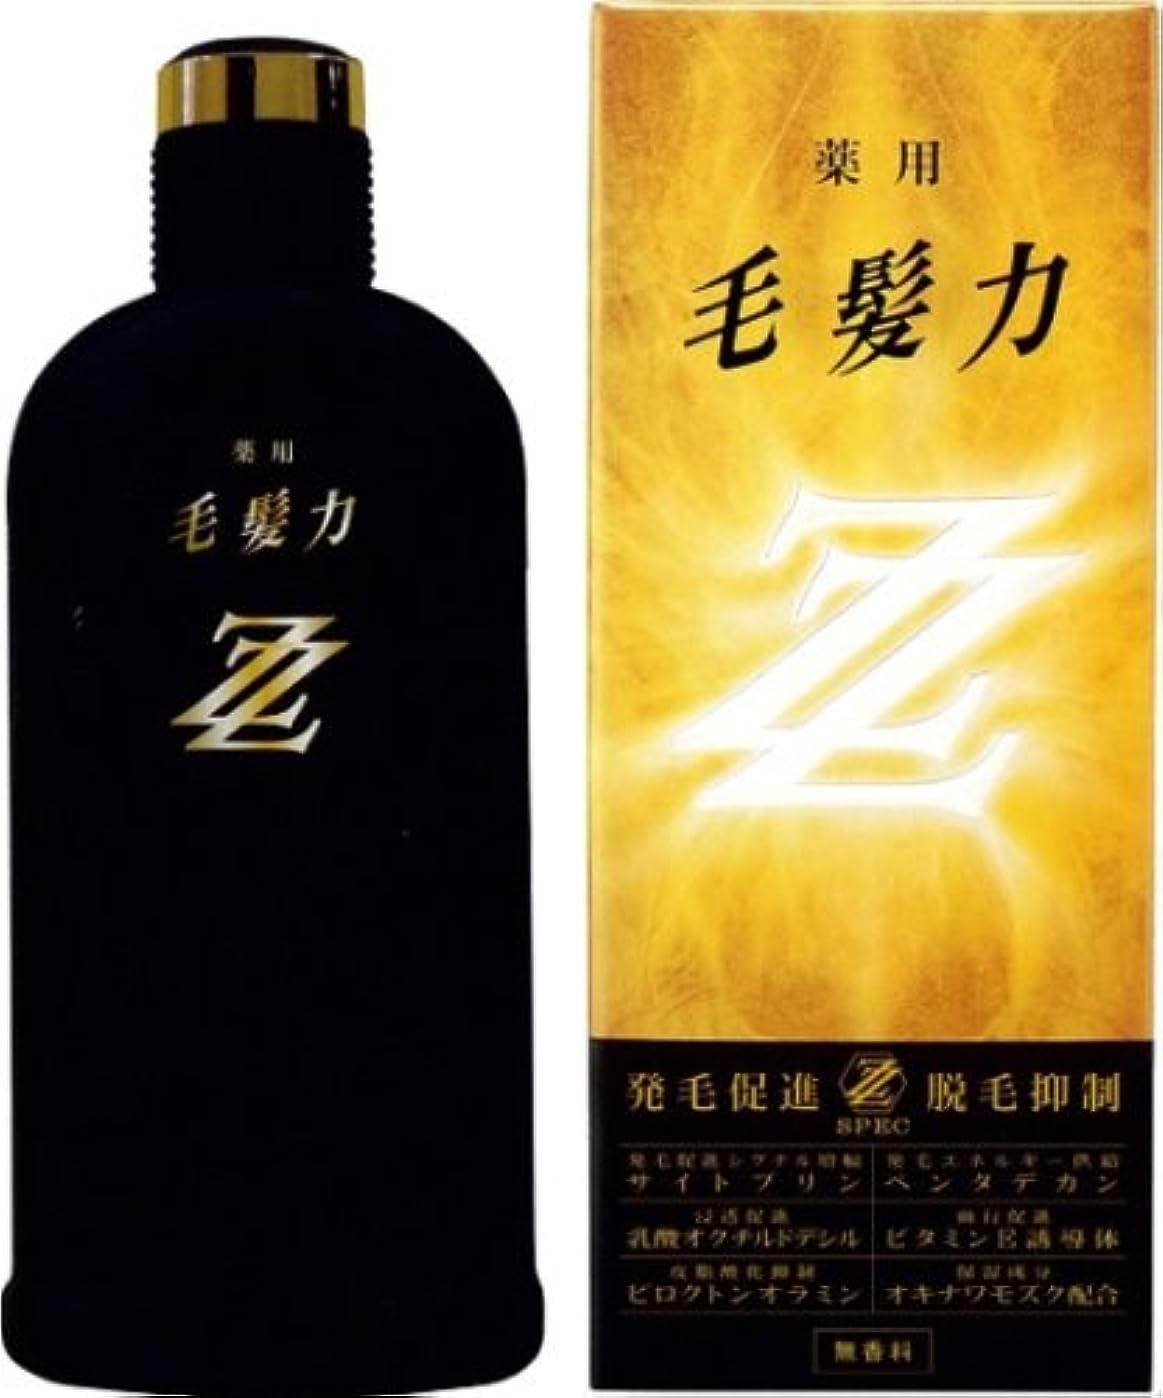 クロニクルビールソブリケット薬用毛髪力ZZ(ダブルジー) 育毛剤 200ml(医薬部外品)